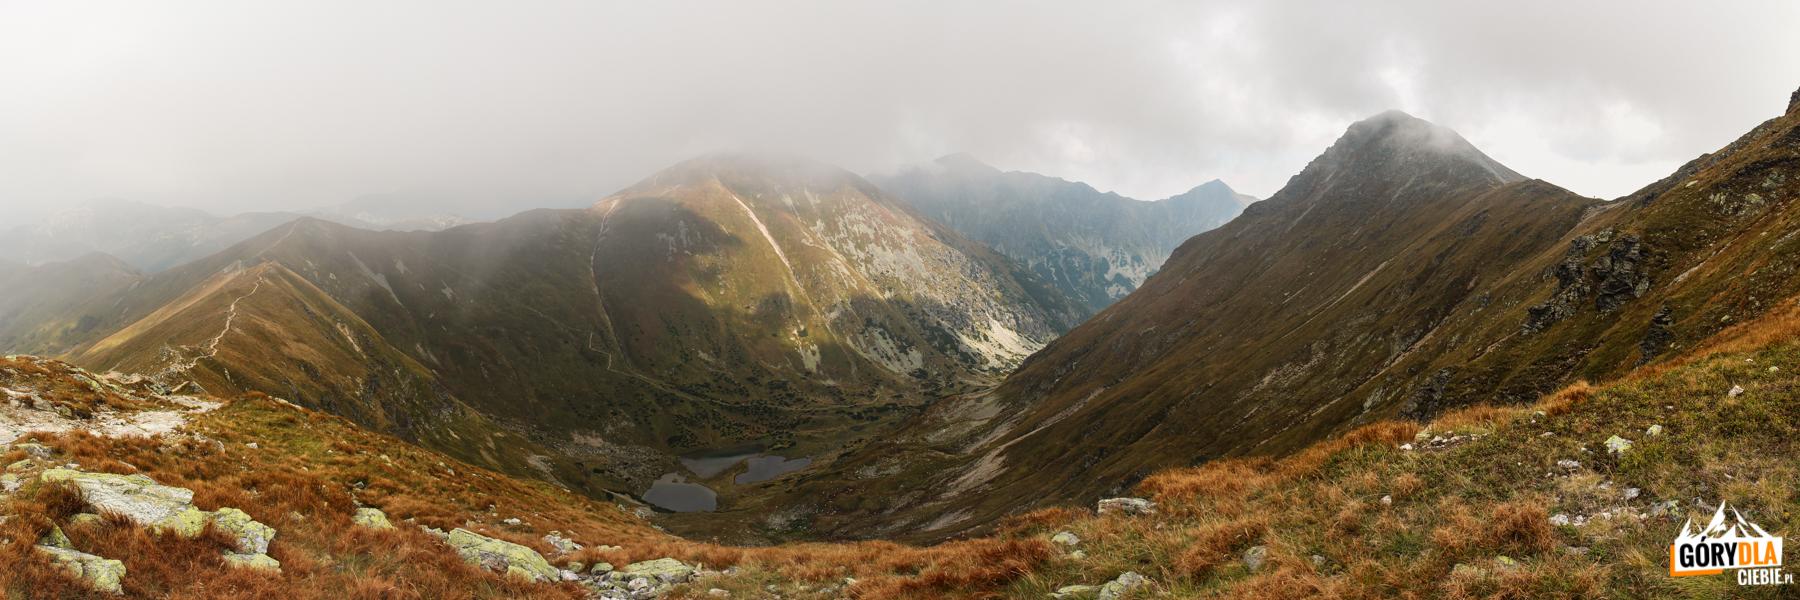 Widok spod Jarząbczego Wierchu (2137 m) na otoczenie Zadniej Raczkowej Doliny